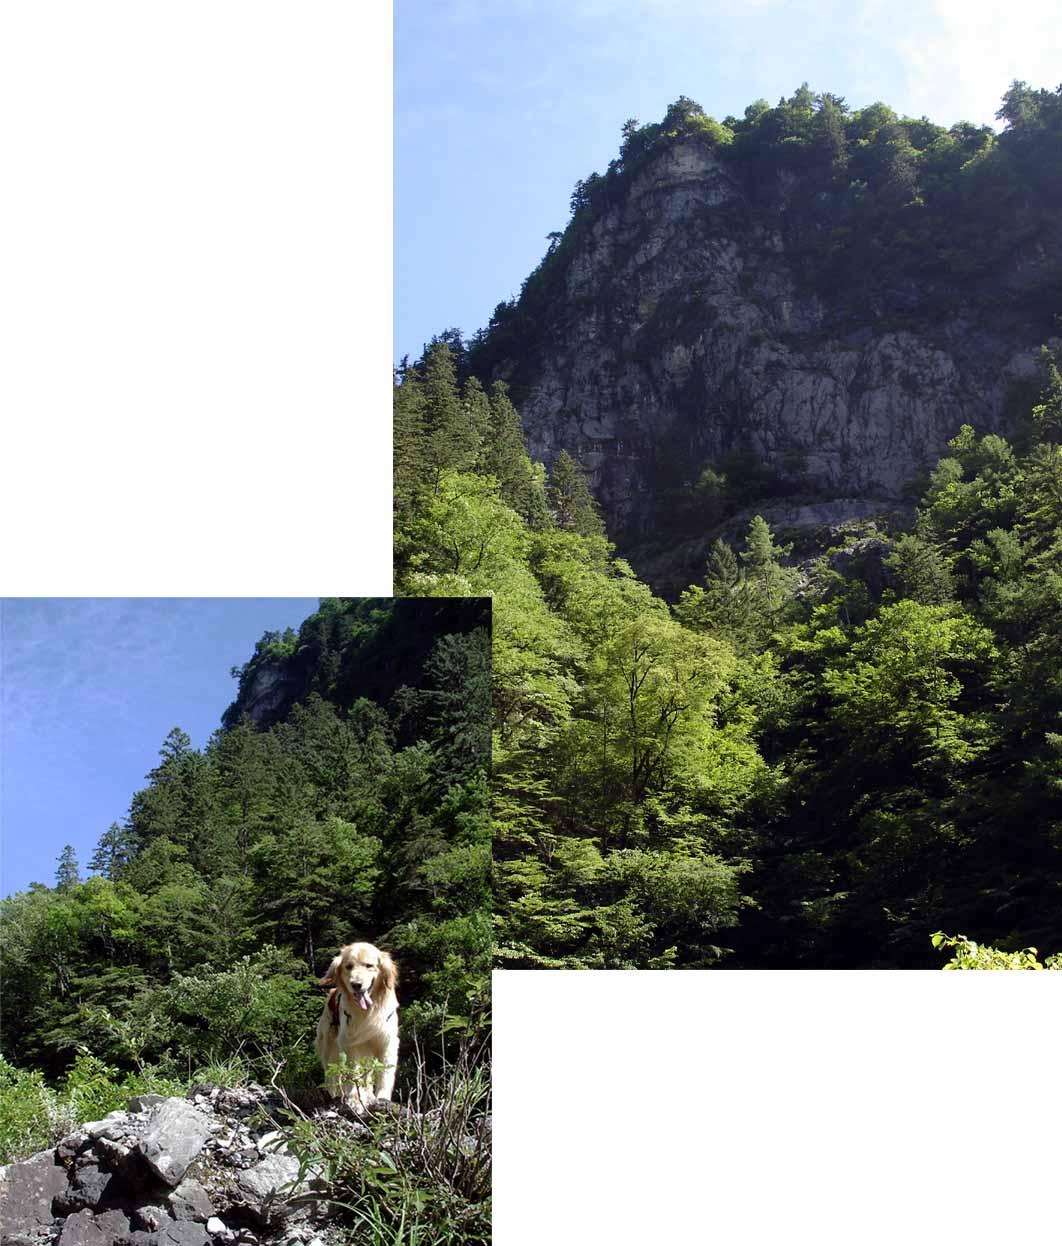 三峰川林道③ 巫女渕付近の対岸絶壁